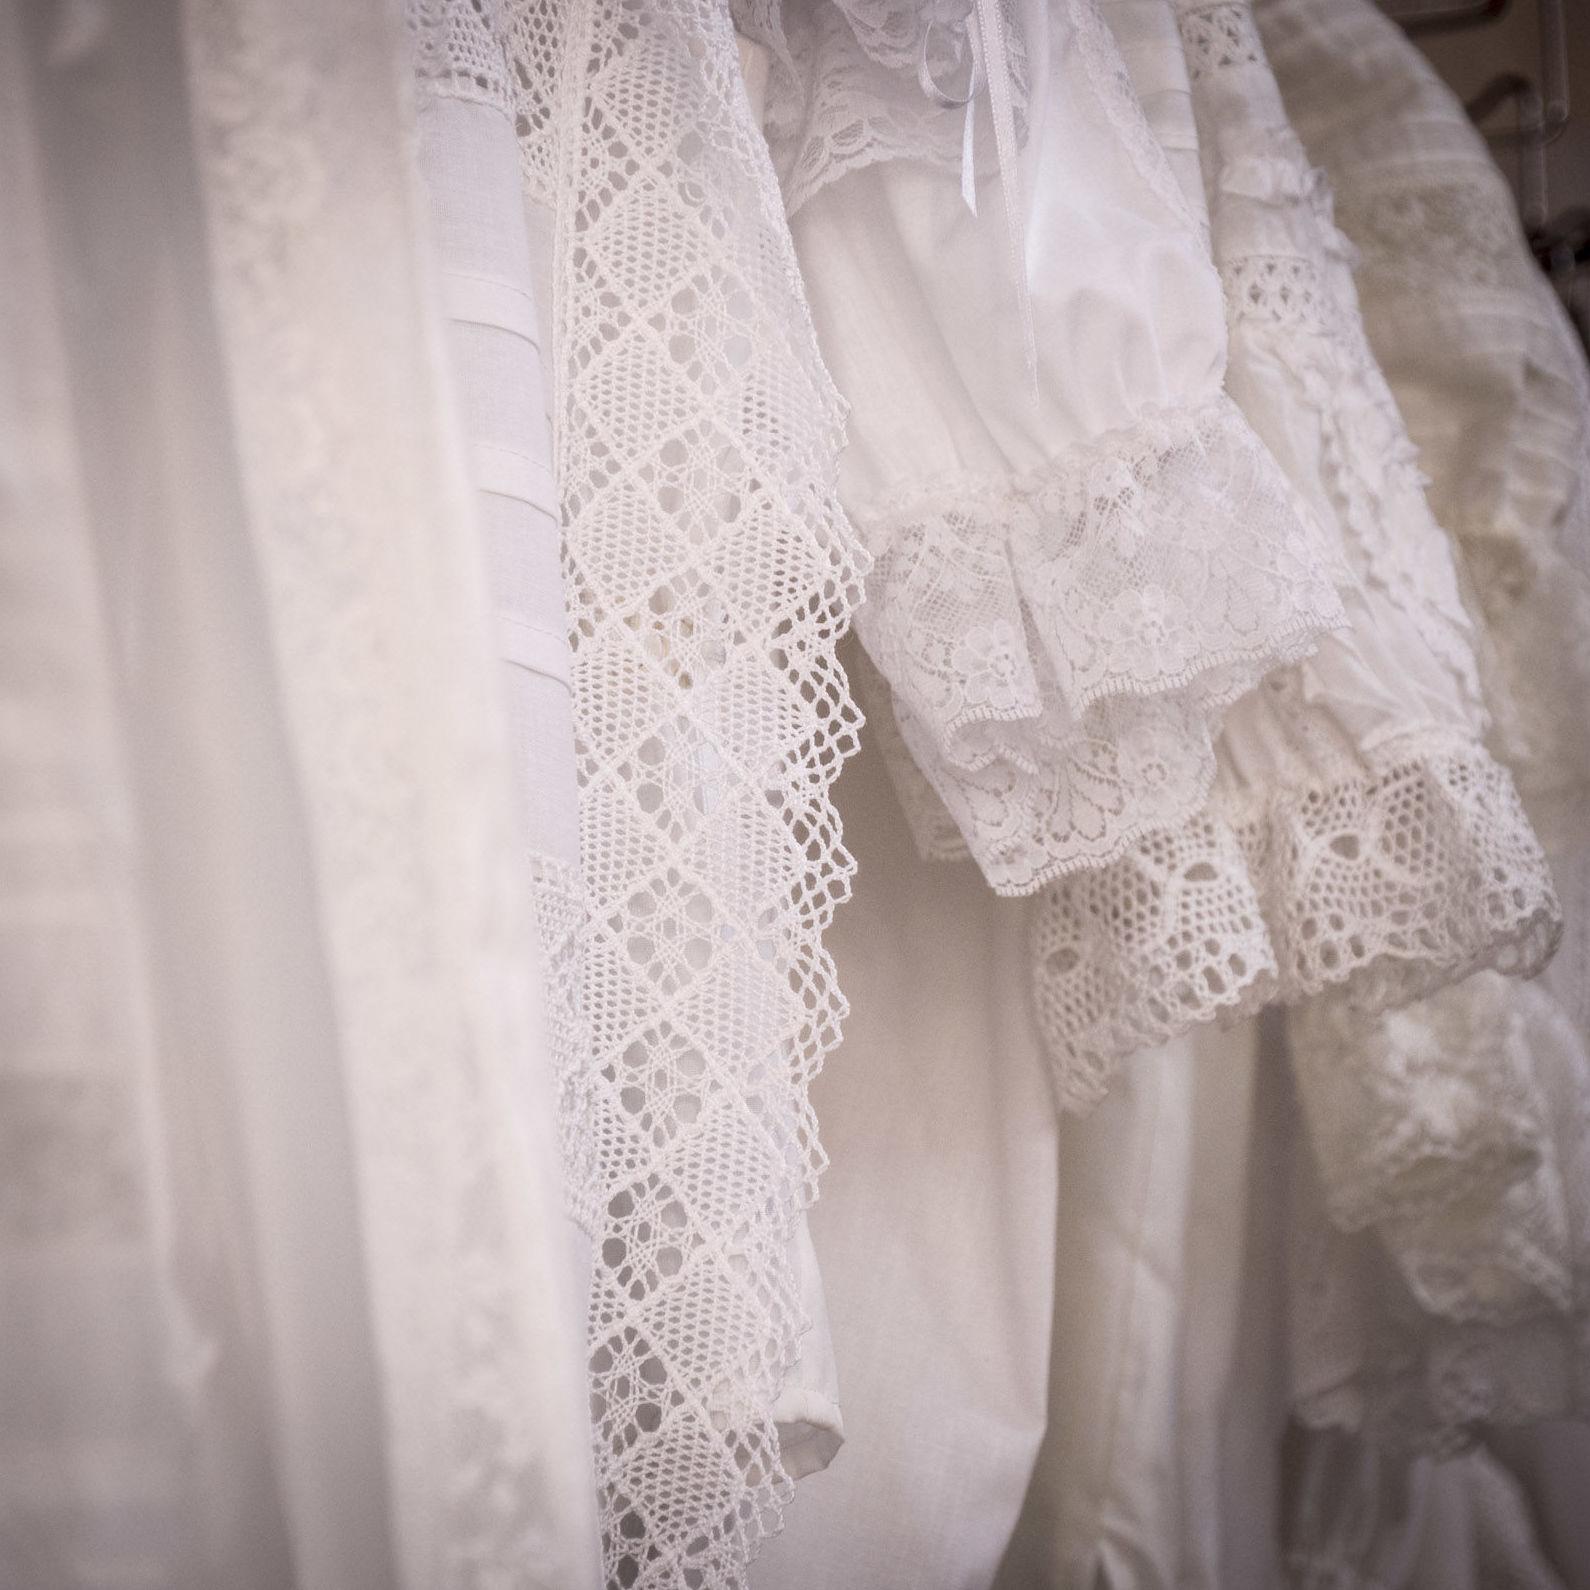 Foto 8 de Taller textil especializado en la elaboración de indumentaria valenciana en Tavernes de la Valldigna | La Llar del Fil